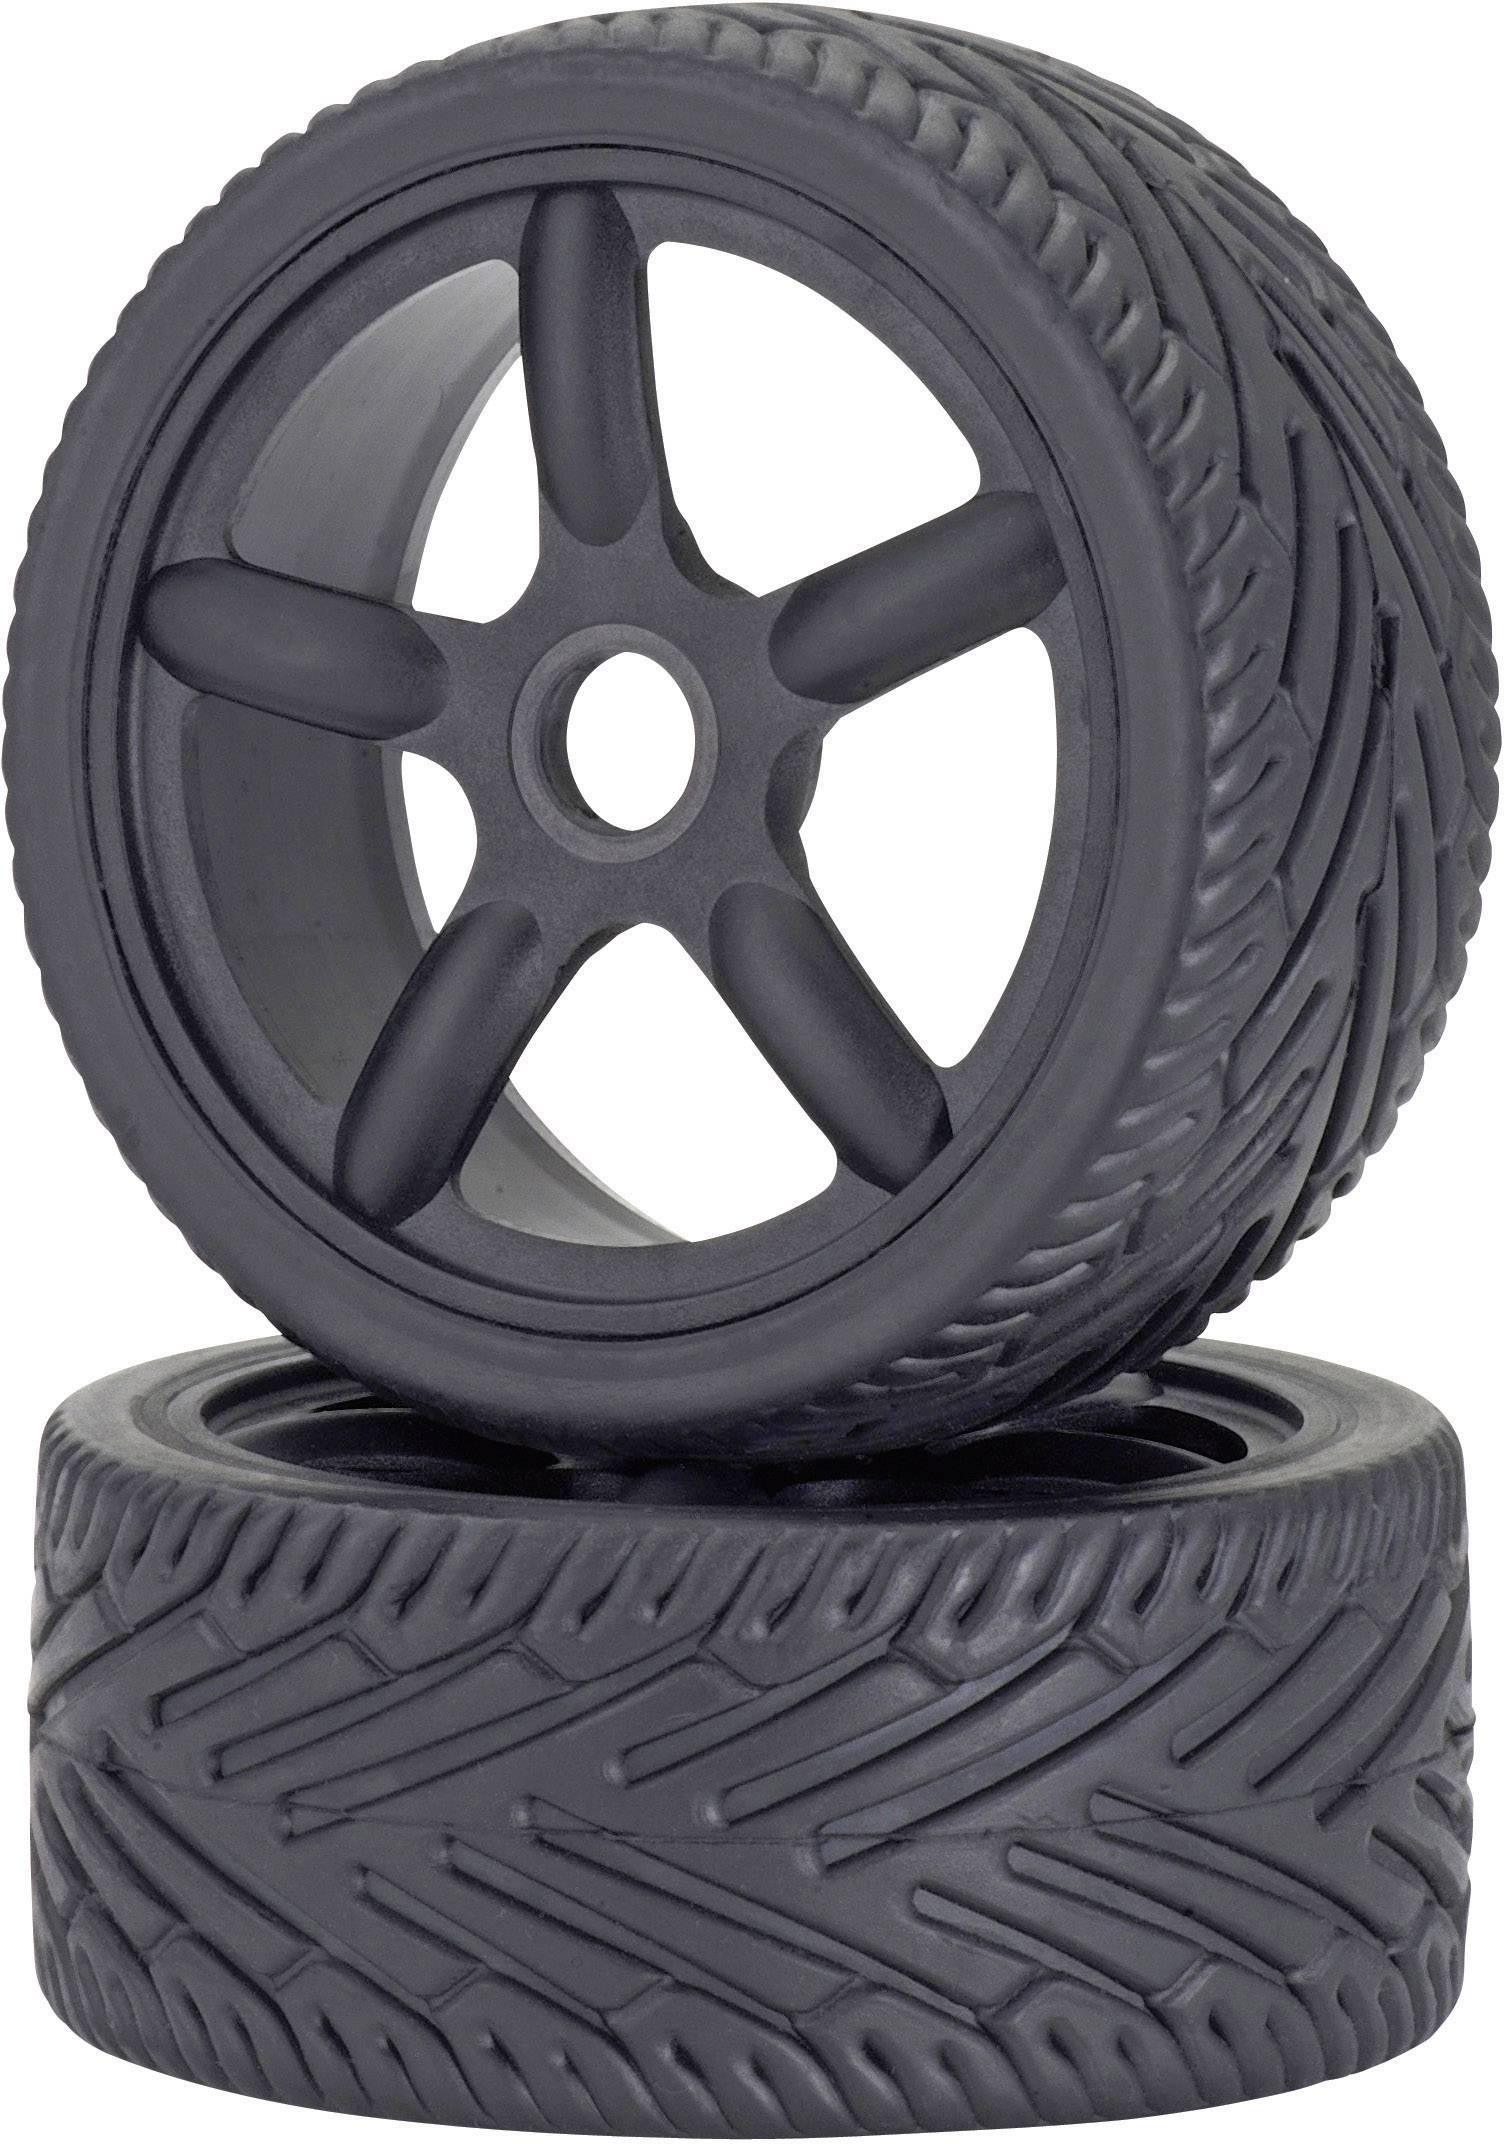 Kompletní kola On-Road Carson Modellsport 900076 pro silniční model, 100 mm, 1:8, 2 ks, černá